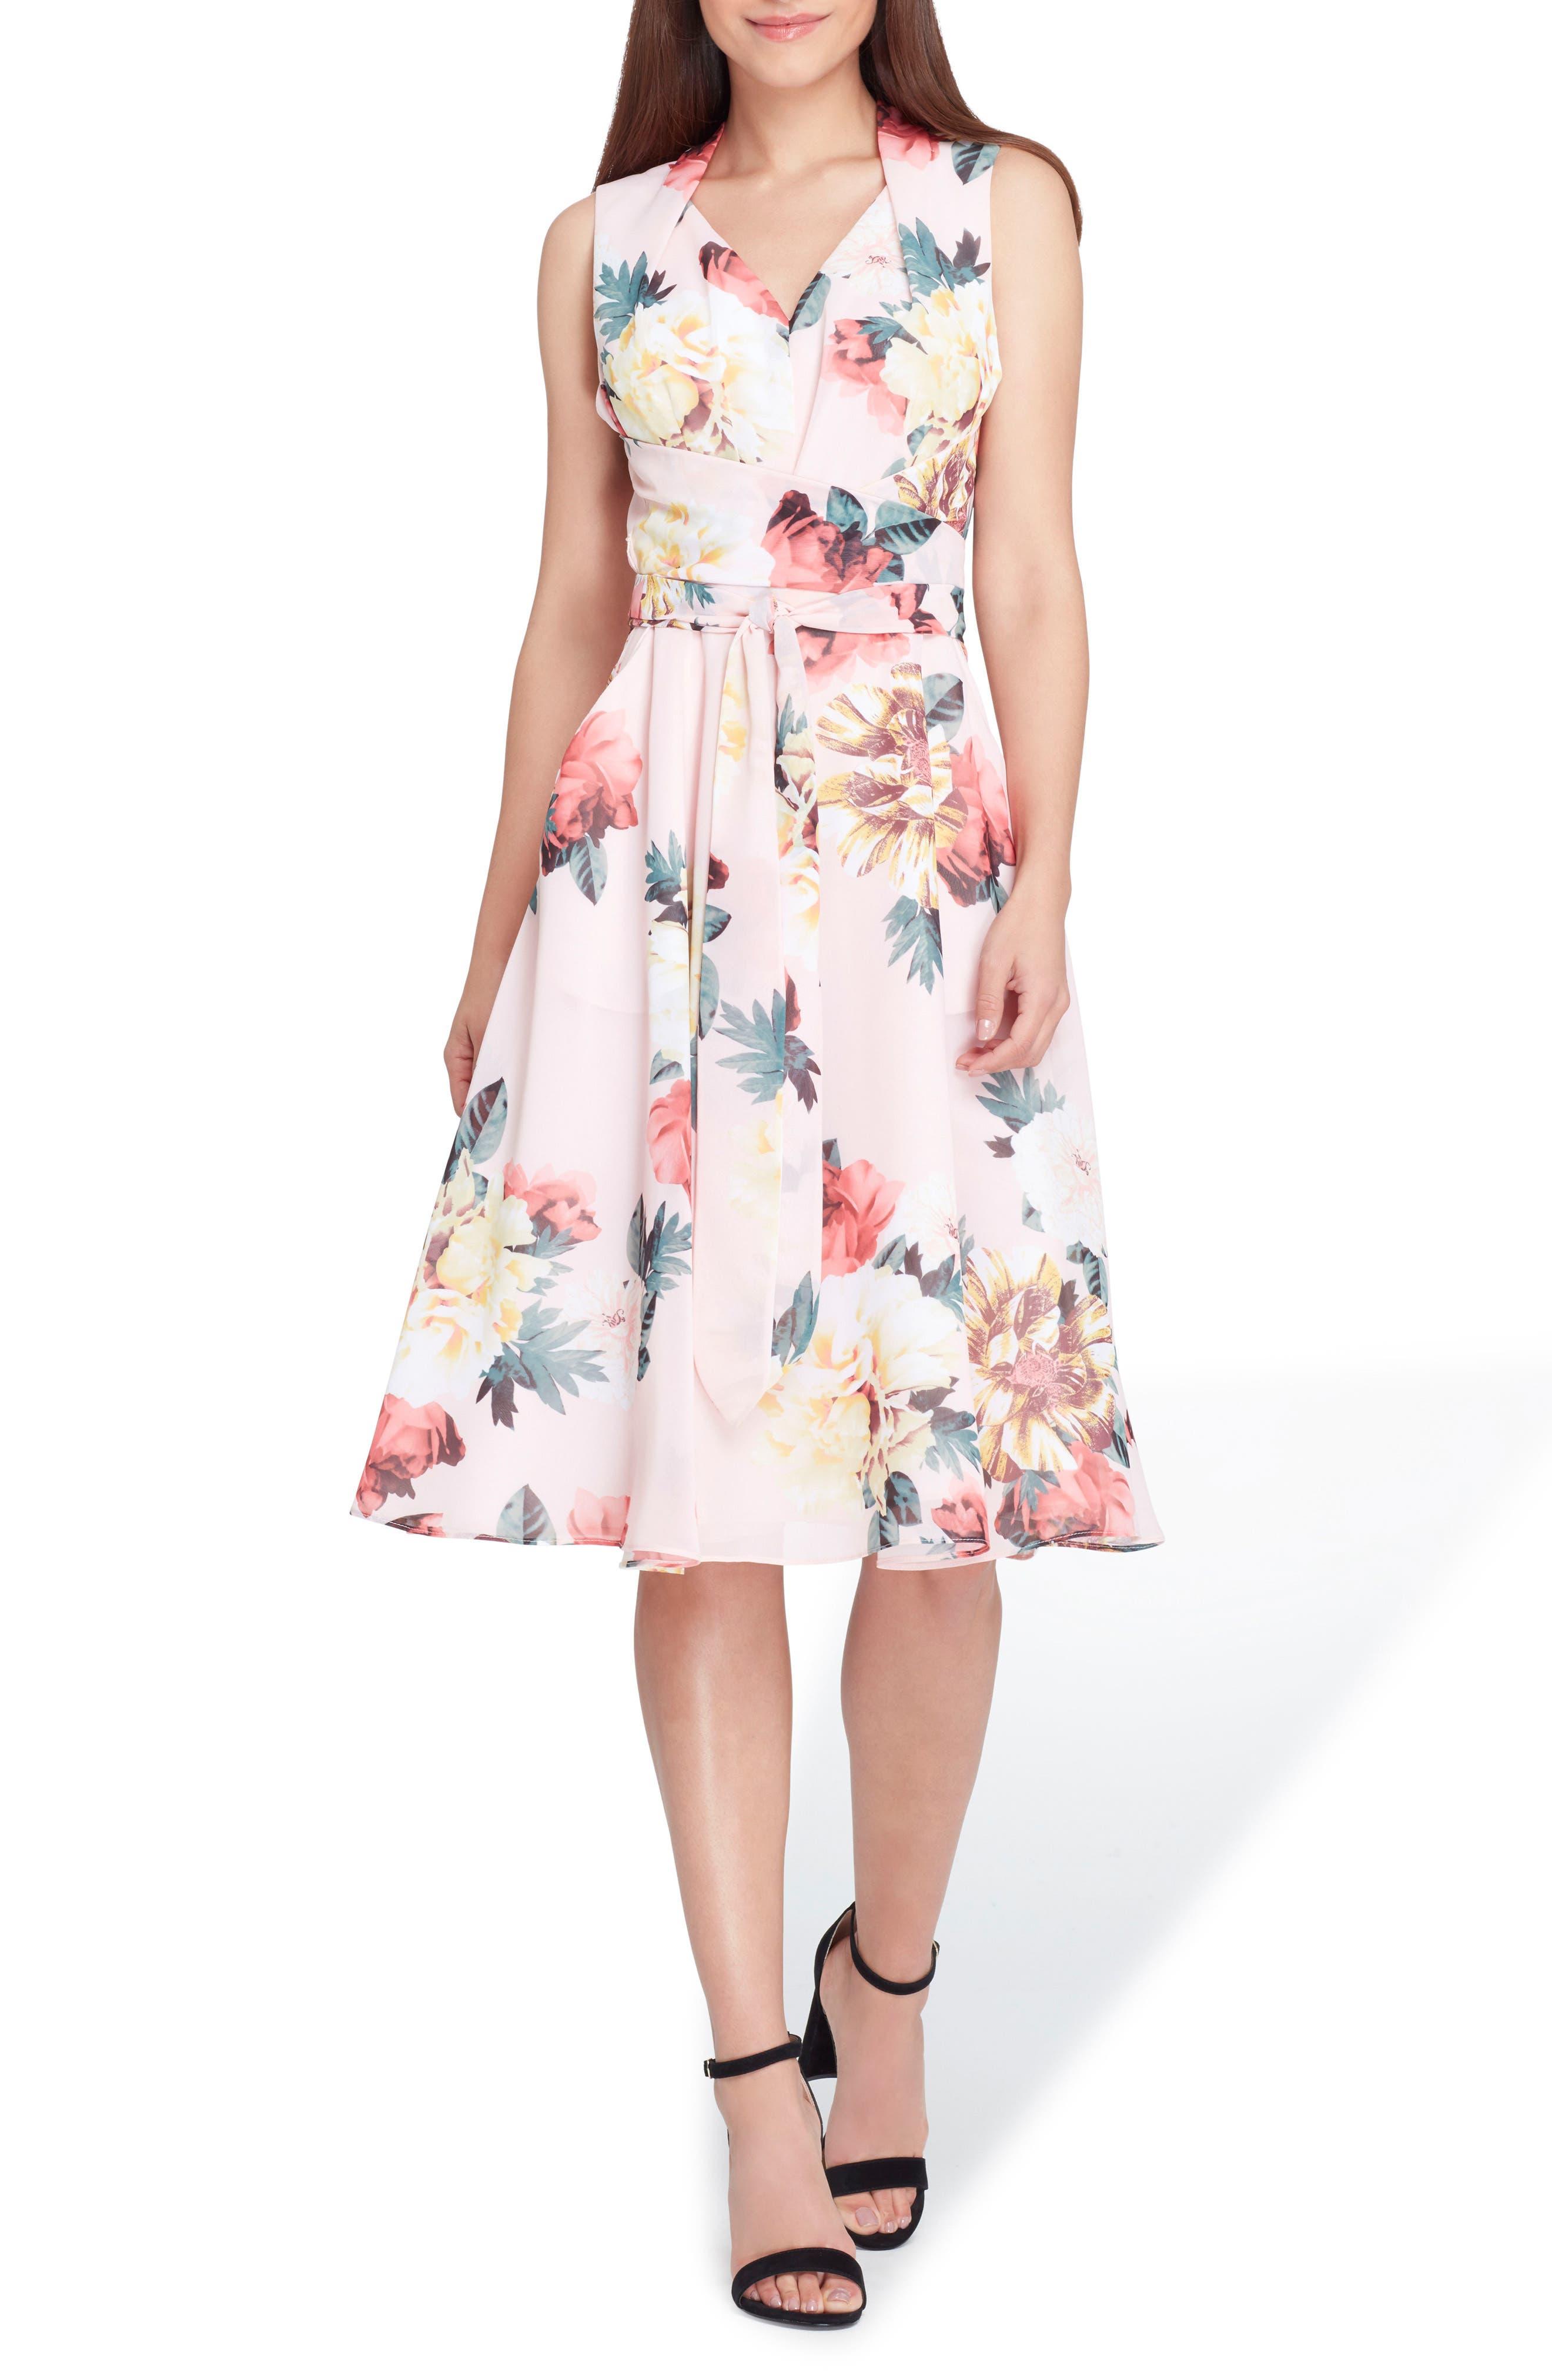 Floral Print Tie Waist Fit & Flare Dress,                             Main thumbnail 1, color,                             Blush/ Lemon/ Coral